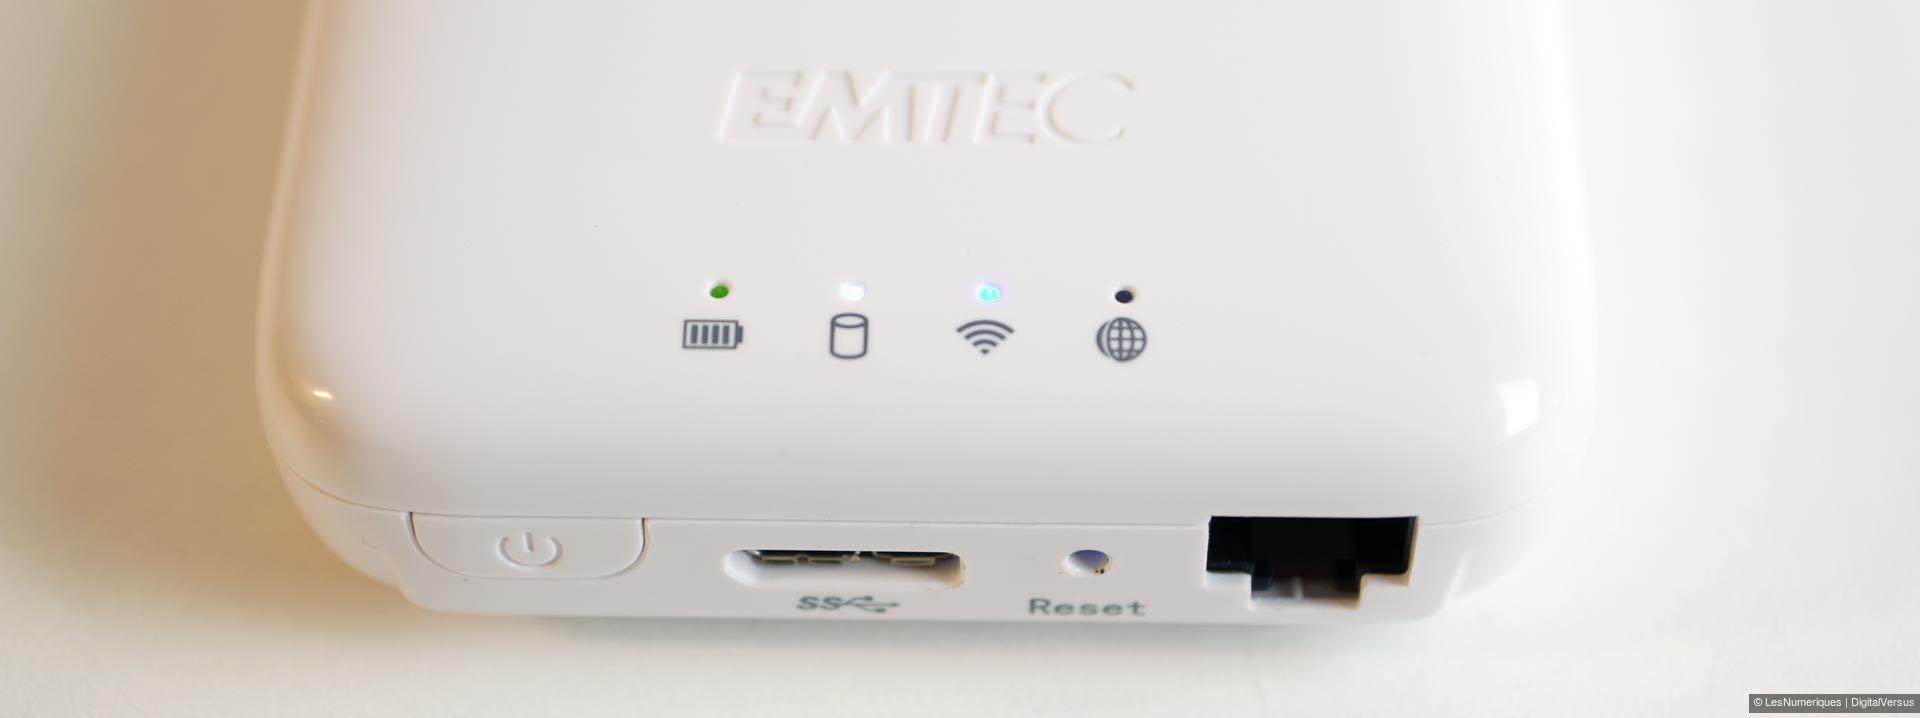 GRATUITEMENT POUR TÉLÉCHARGER CONNECT EMTEC WINDOWS